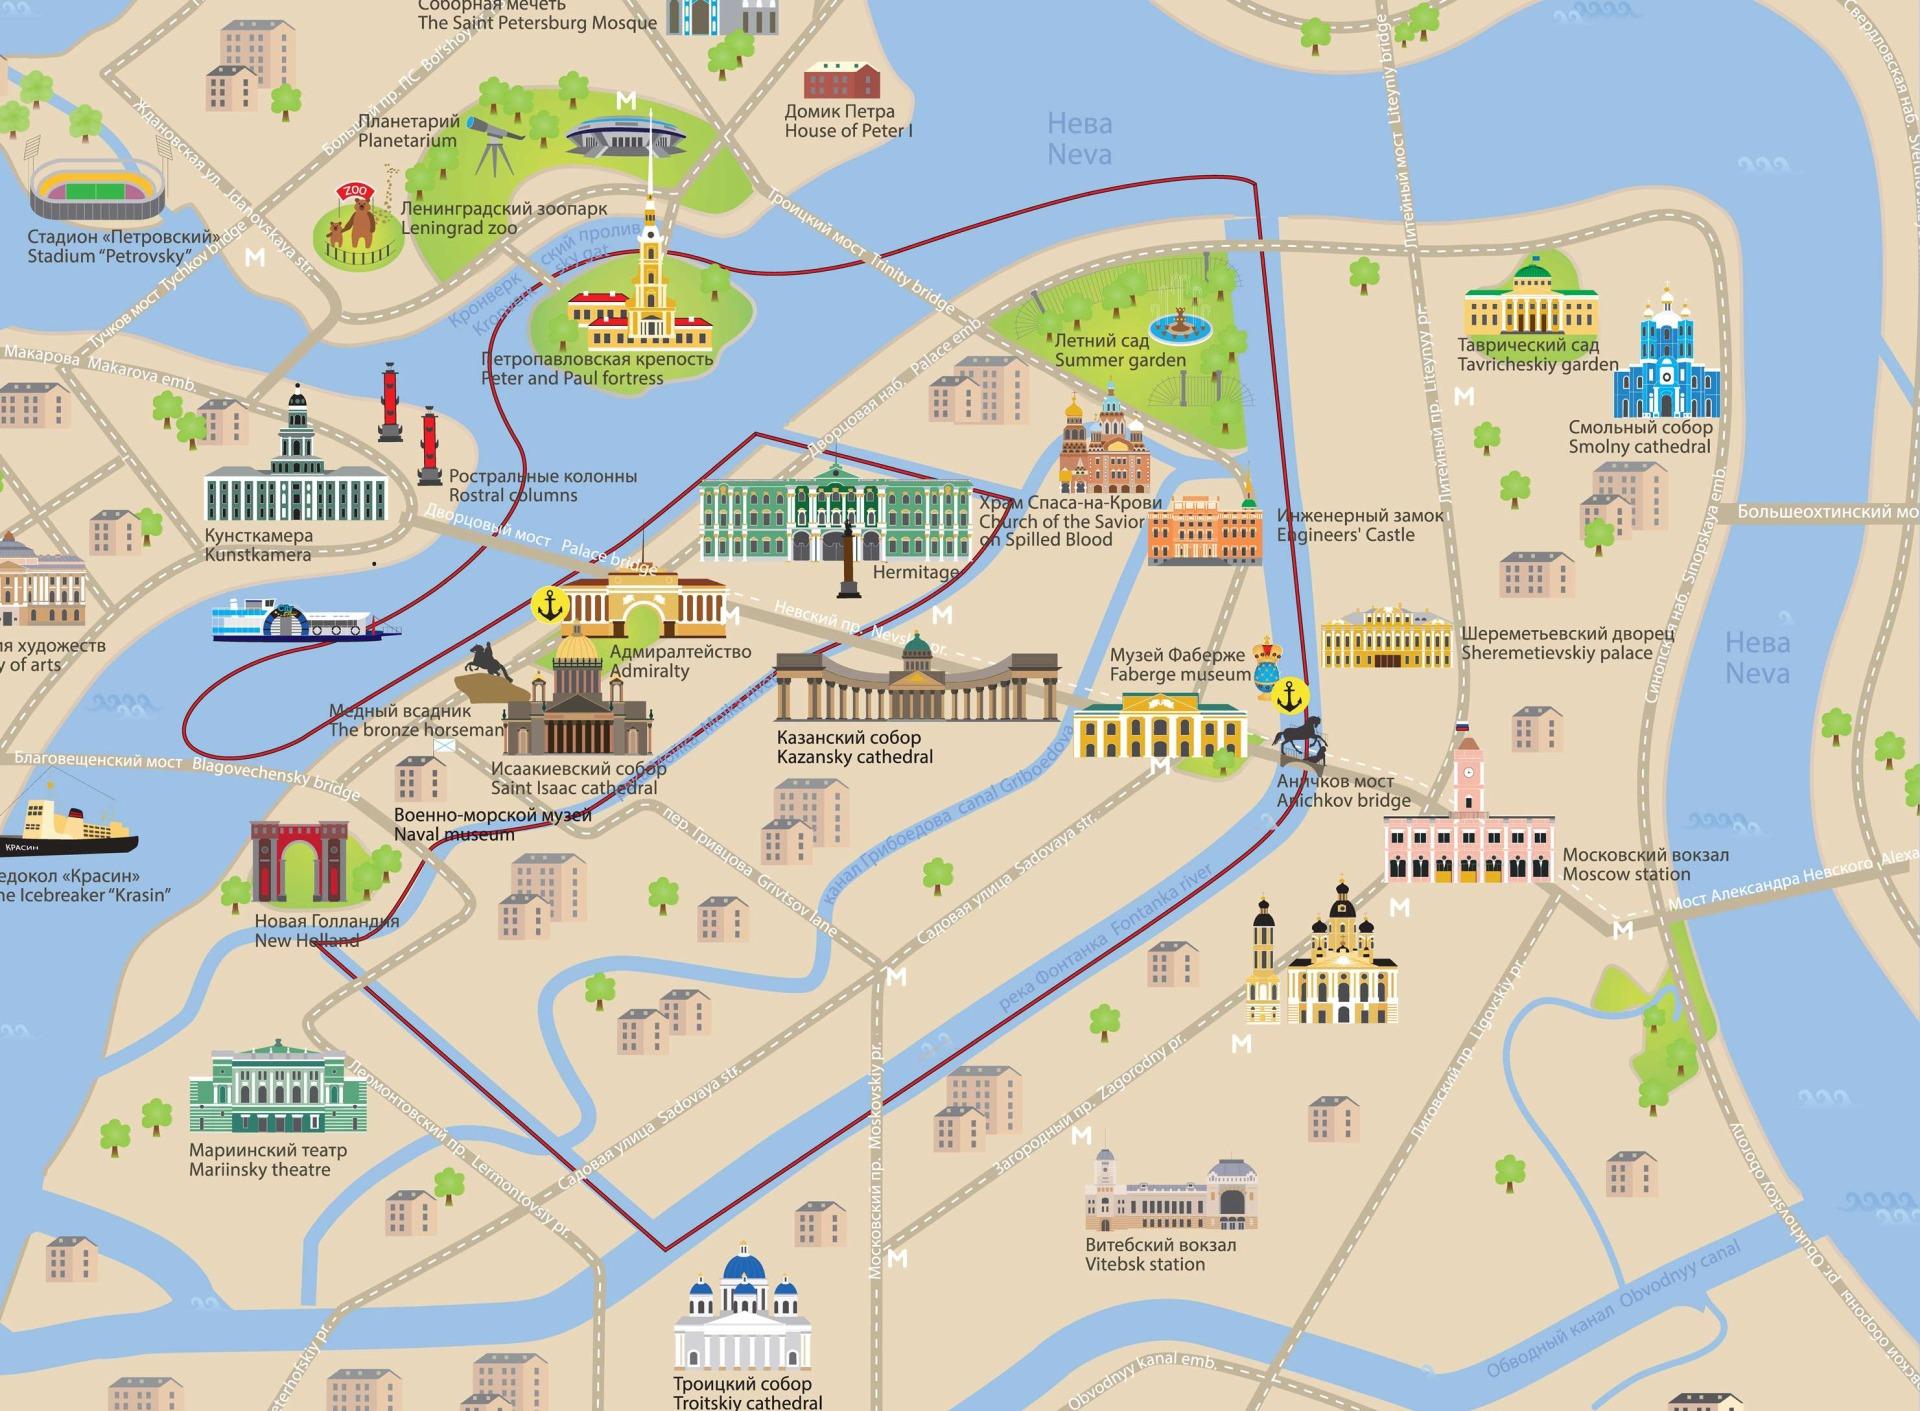 водные экскурсии в Санкт-Петербурге, экскурсии по рекам и каналам, водные экскурсии по Неве, билеты онлайн  на водные экскурсии, водные прогулки на развод мостов, Сити Тур. Канал Круиз